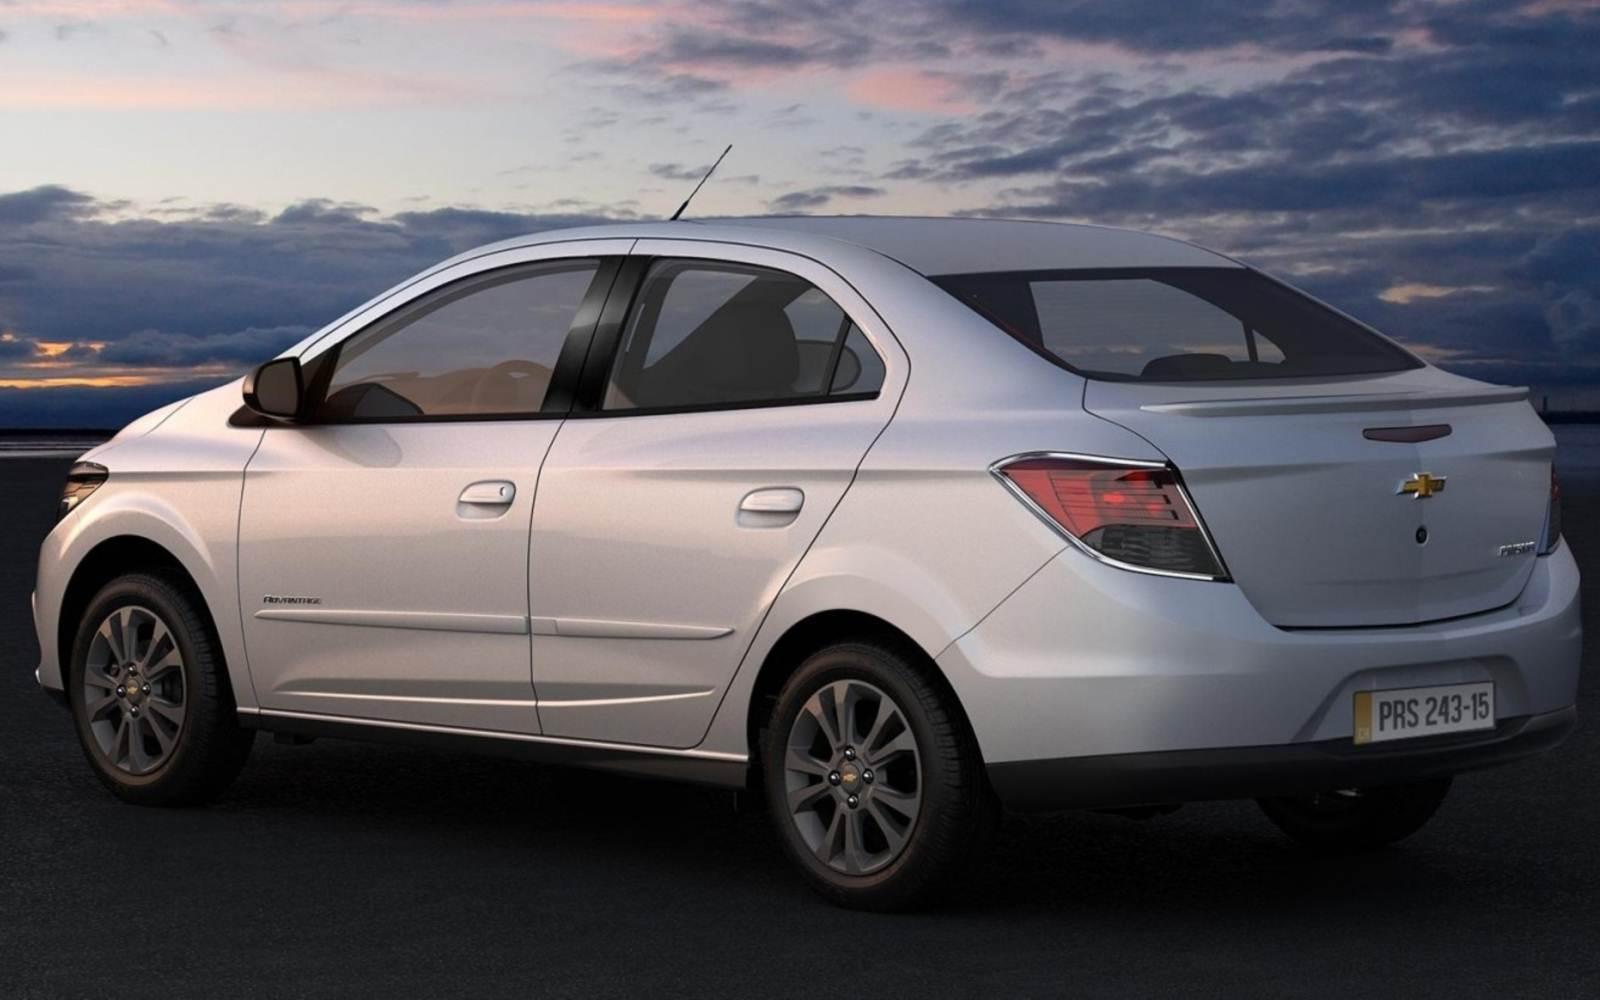 Chevrolet Prisma Advantage 2015  Fotos E Especifica U00e7 U00f5es